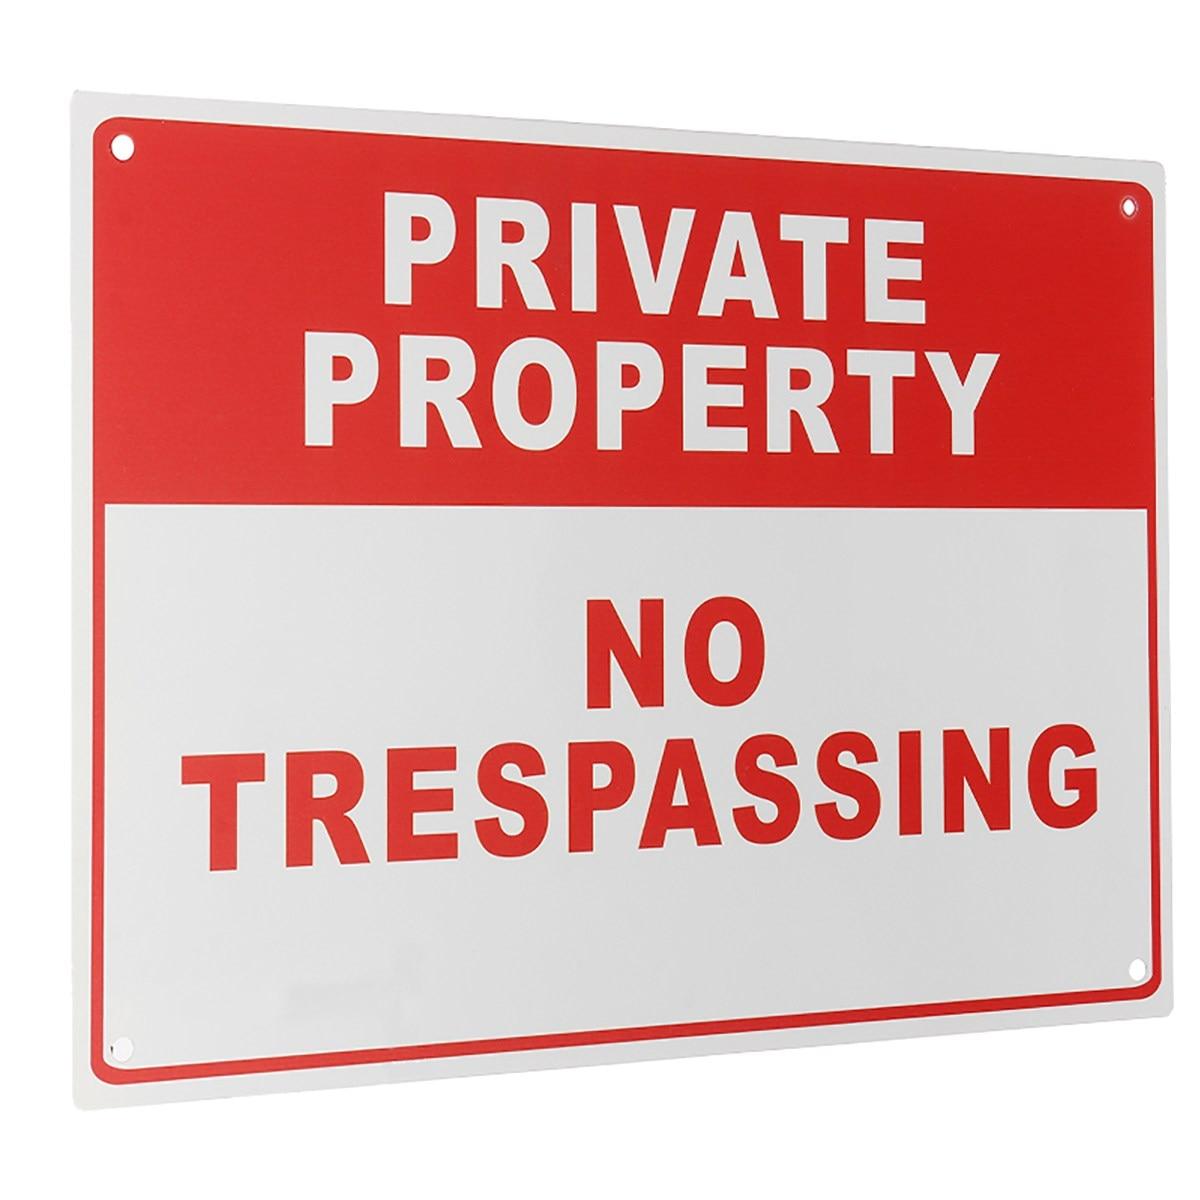 Новый safurance частной собственности Посторонним вход воспрещен металла Детская безопасность Предупреждение знак 4 отверстие 20x30 см охранных ...